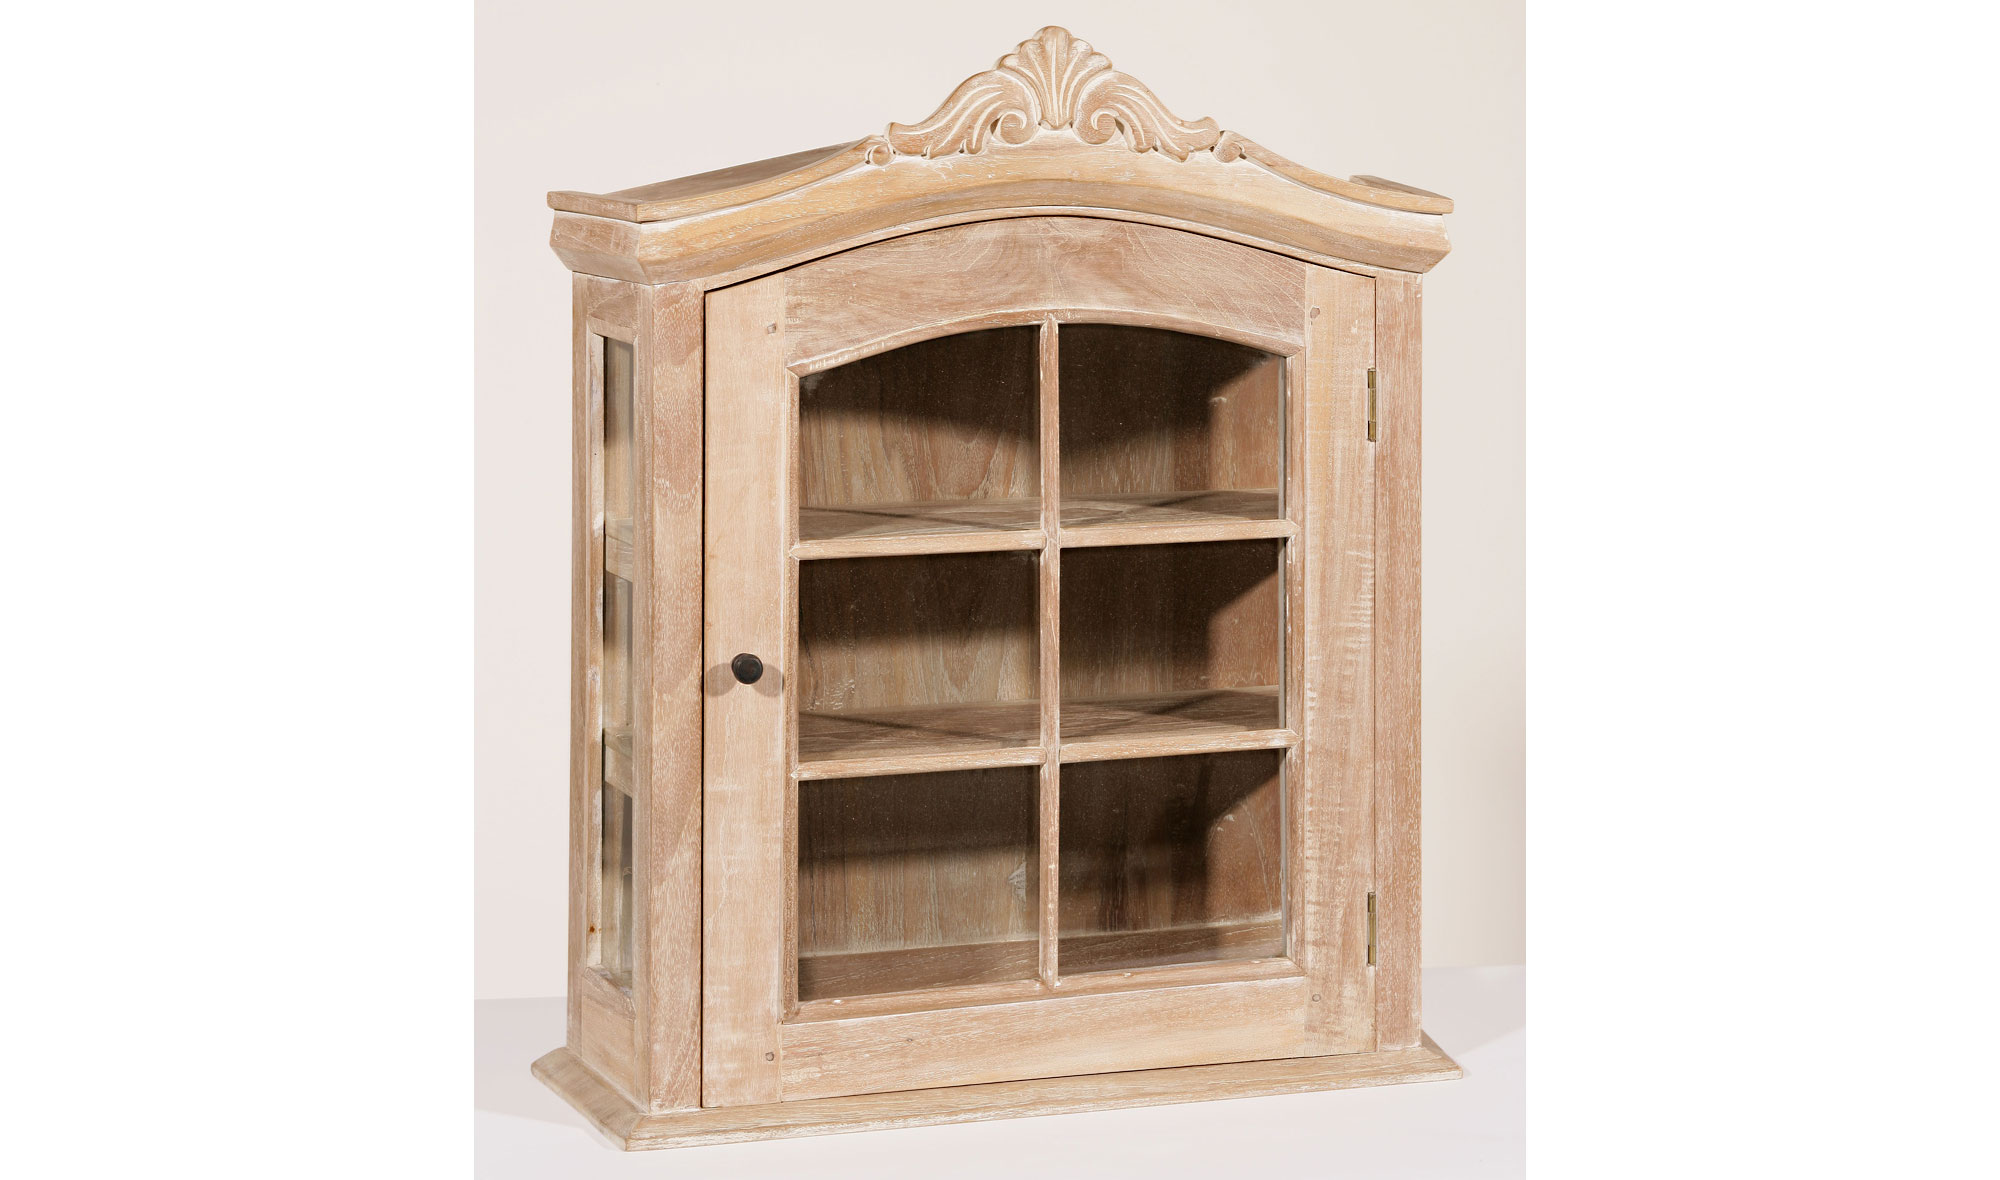 Estantería 1 puerta colonial madera lavada disponibles en nuestra web